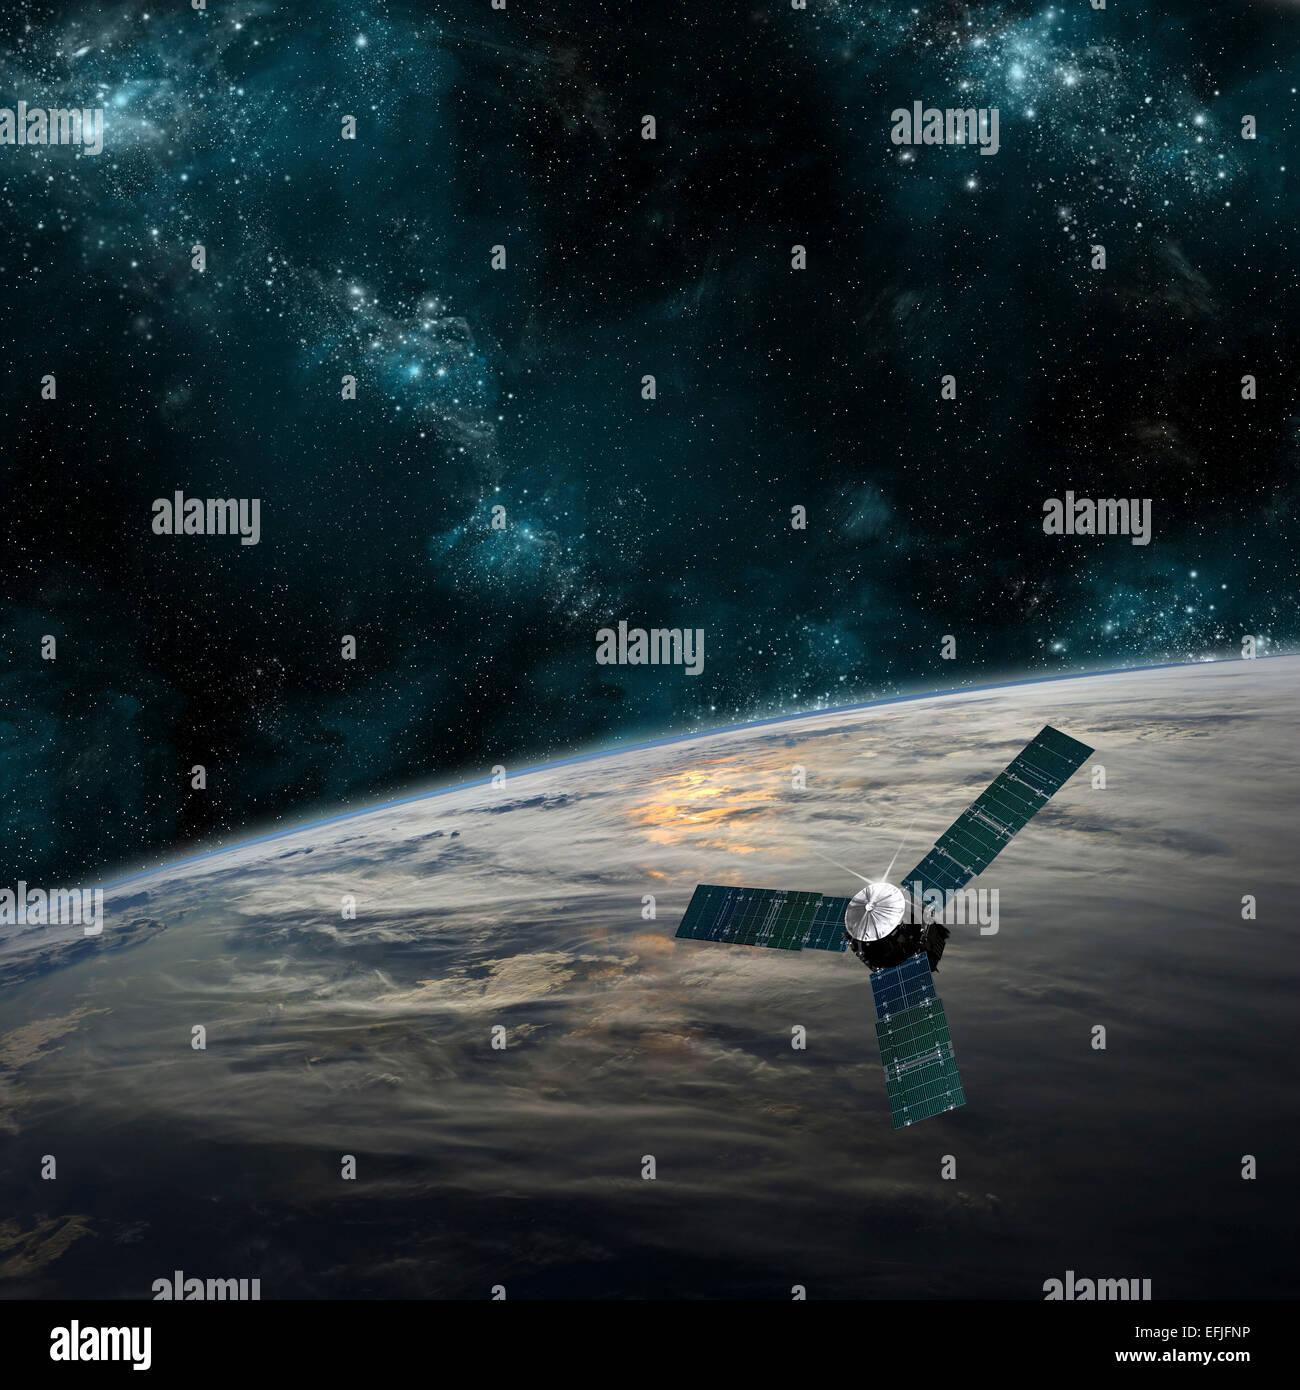 Une sonde spatiale mène une belle planète couverte de nuages dans l'espace. Plus de nuages tourbillonner Photo Stock